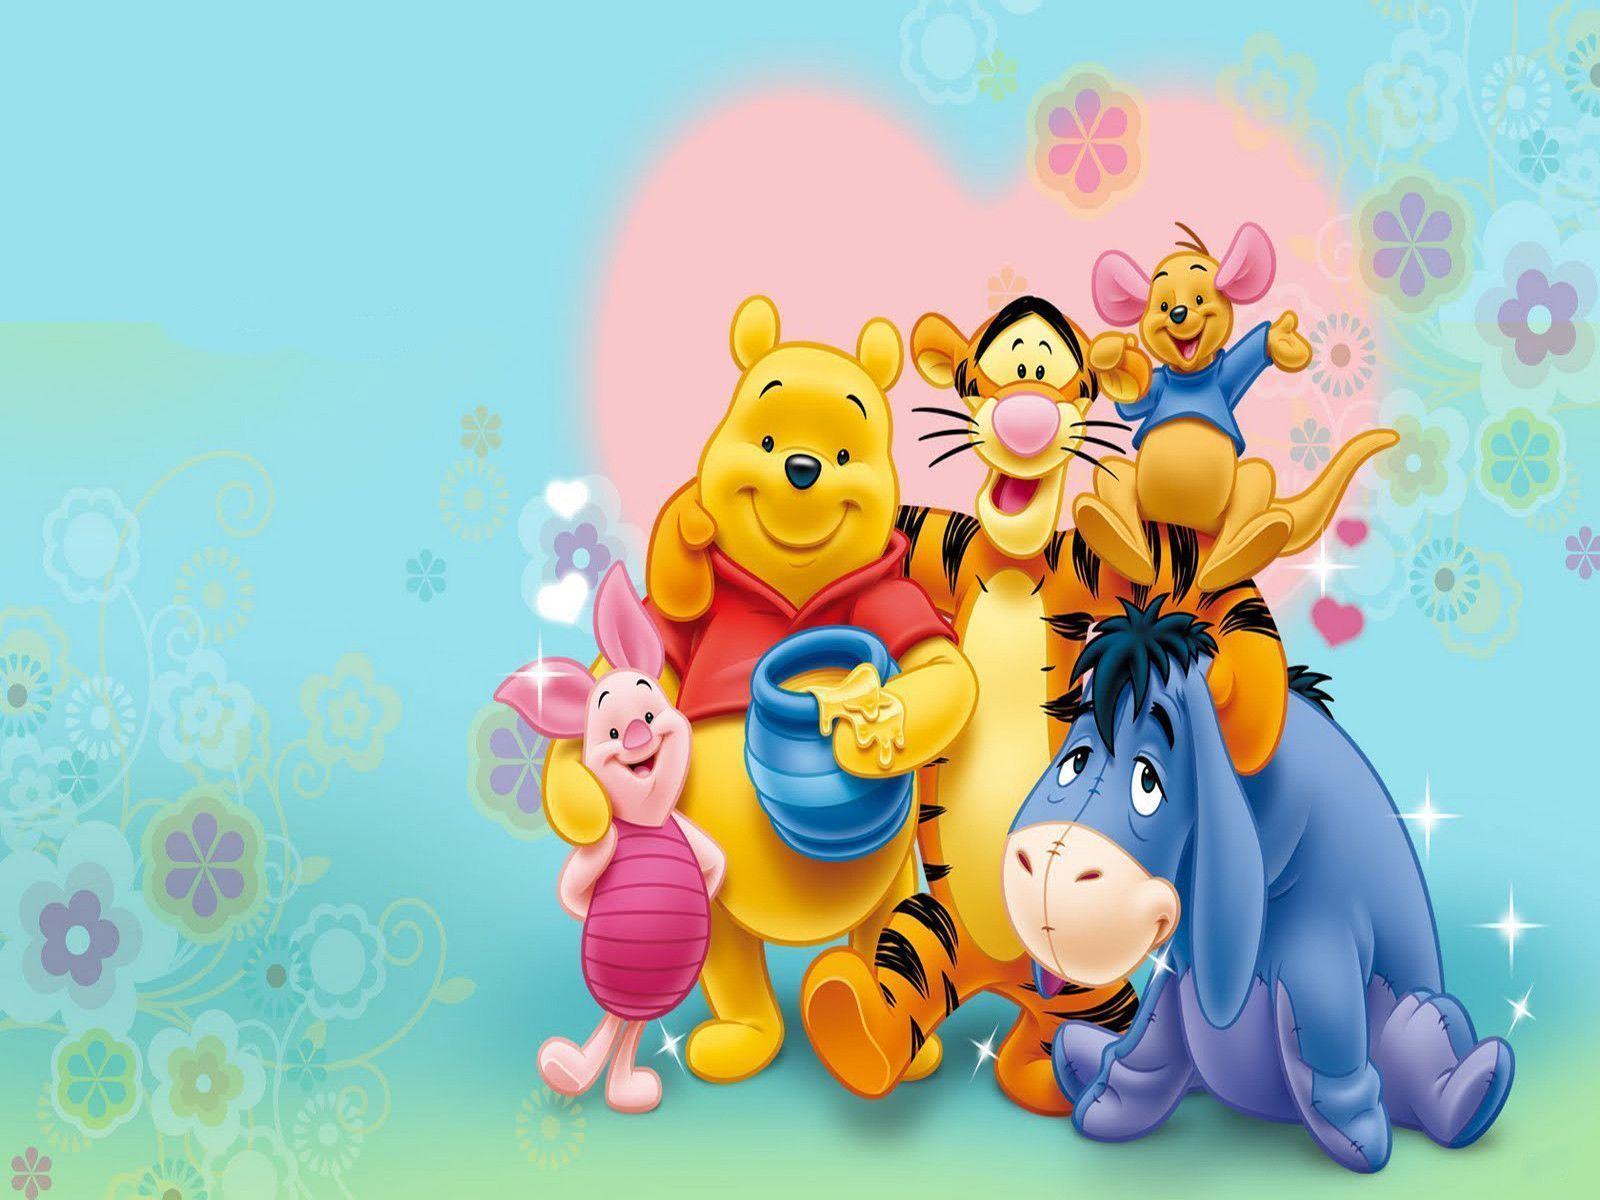 Winnie The Pooh Desktop Wallpapers Top Free Winnie The